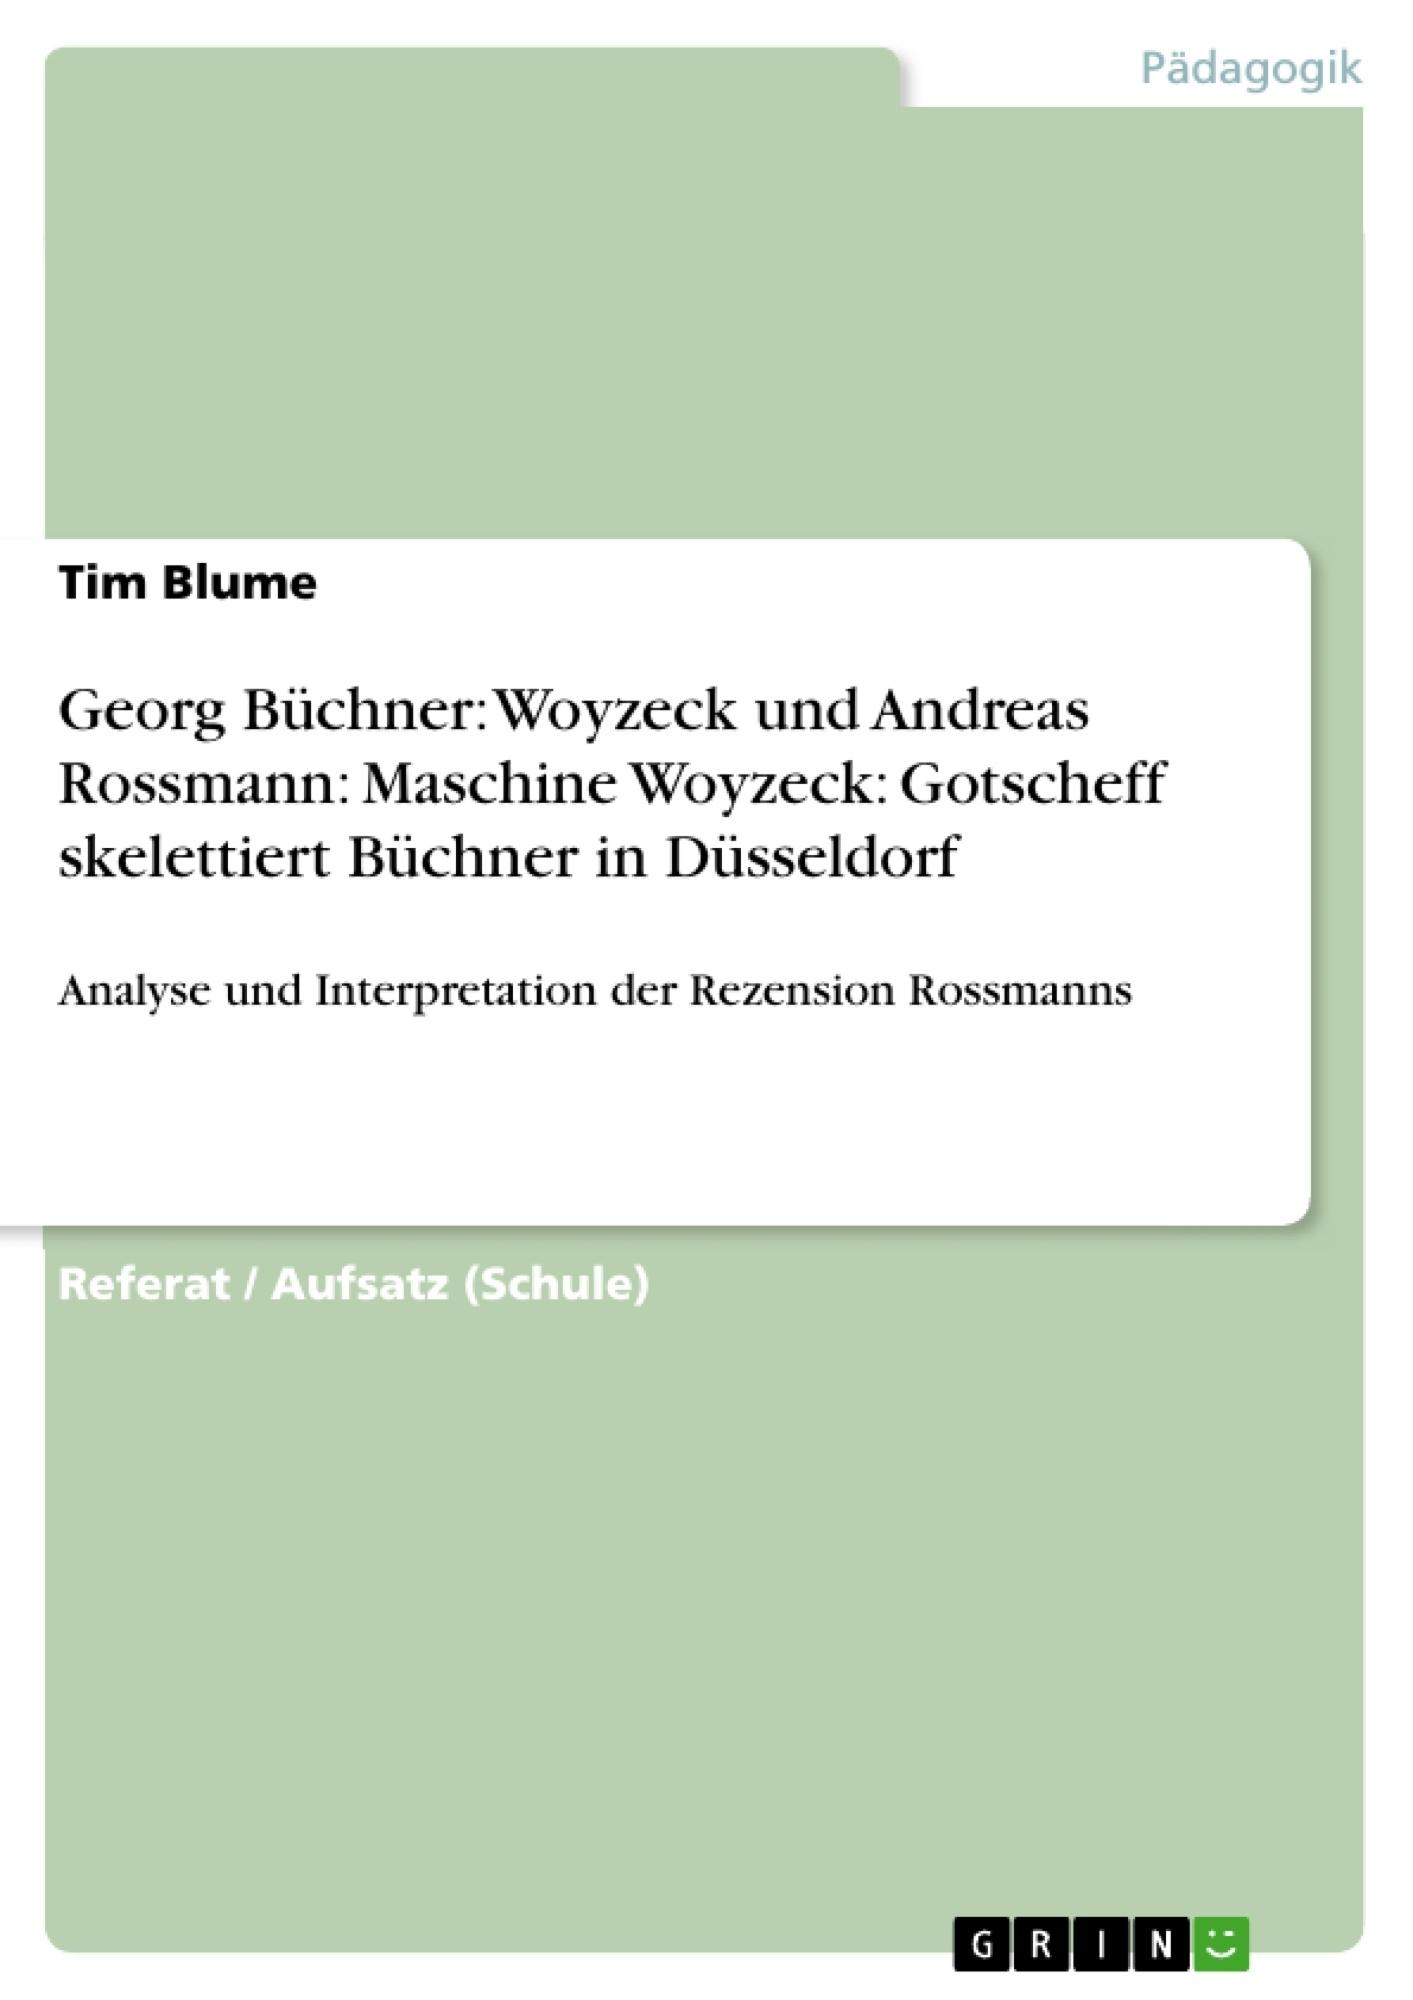 Titel: Georg Büchner: Woyzeck und Andreas Rossmann: Maschine Woyzeck: Gotscheff skelettiert Büchner in Düsseldorf